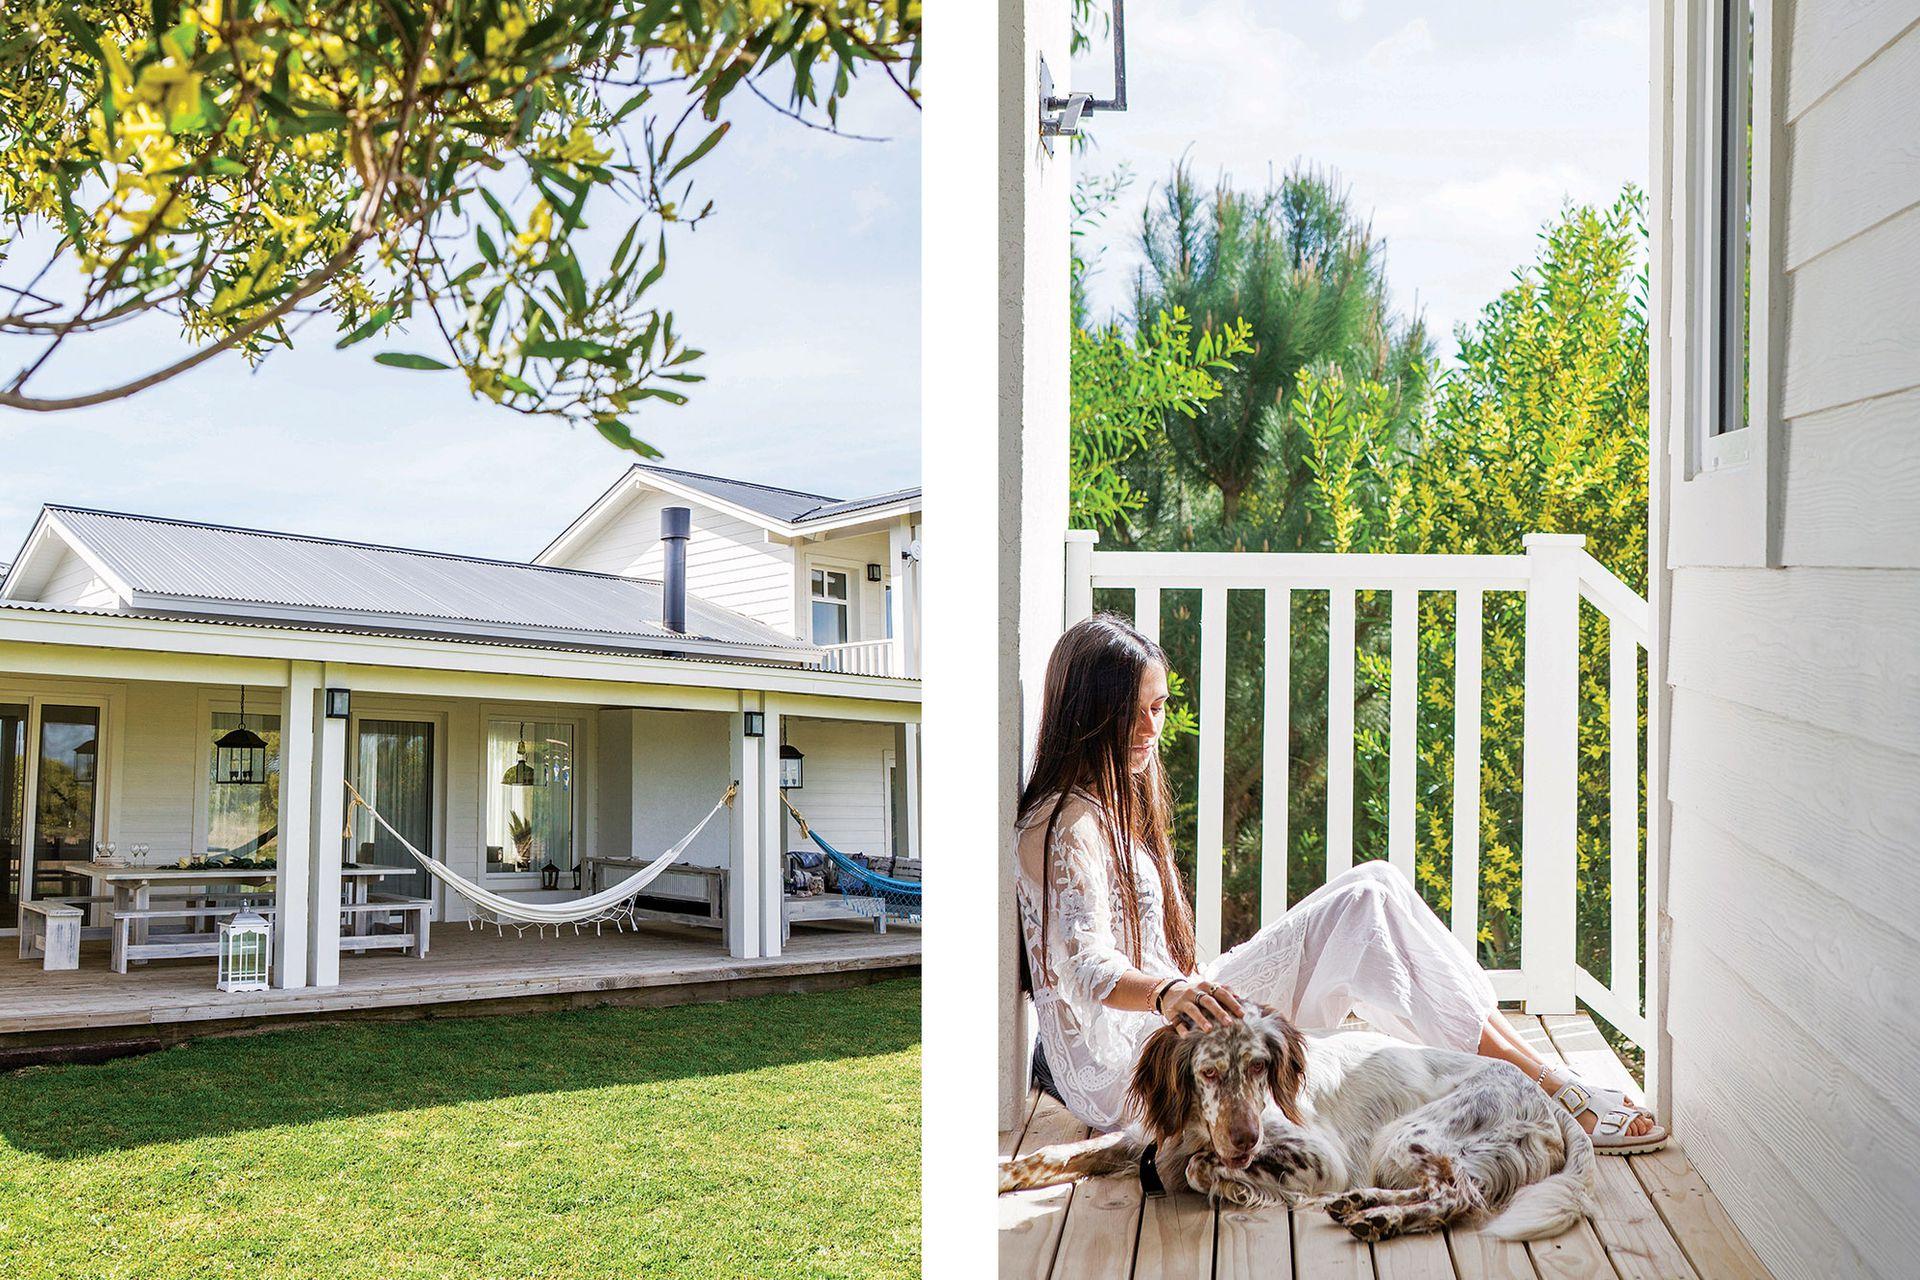 En su propia terraza, Ángeles se sienta a meditar o a hacer algunos movimientos de yoga.